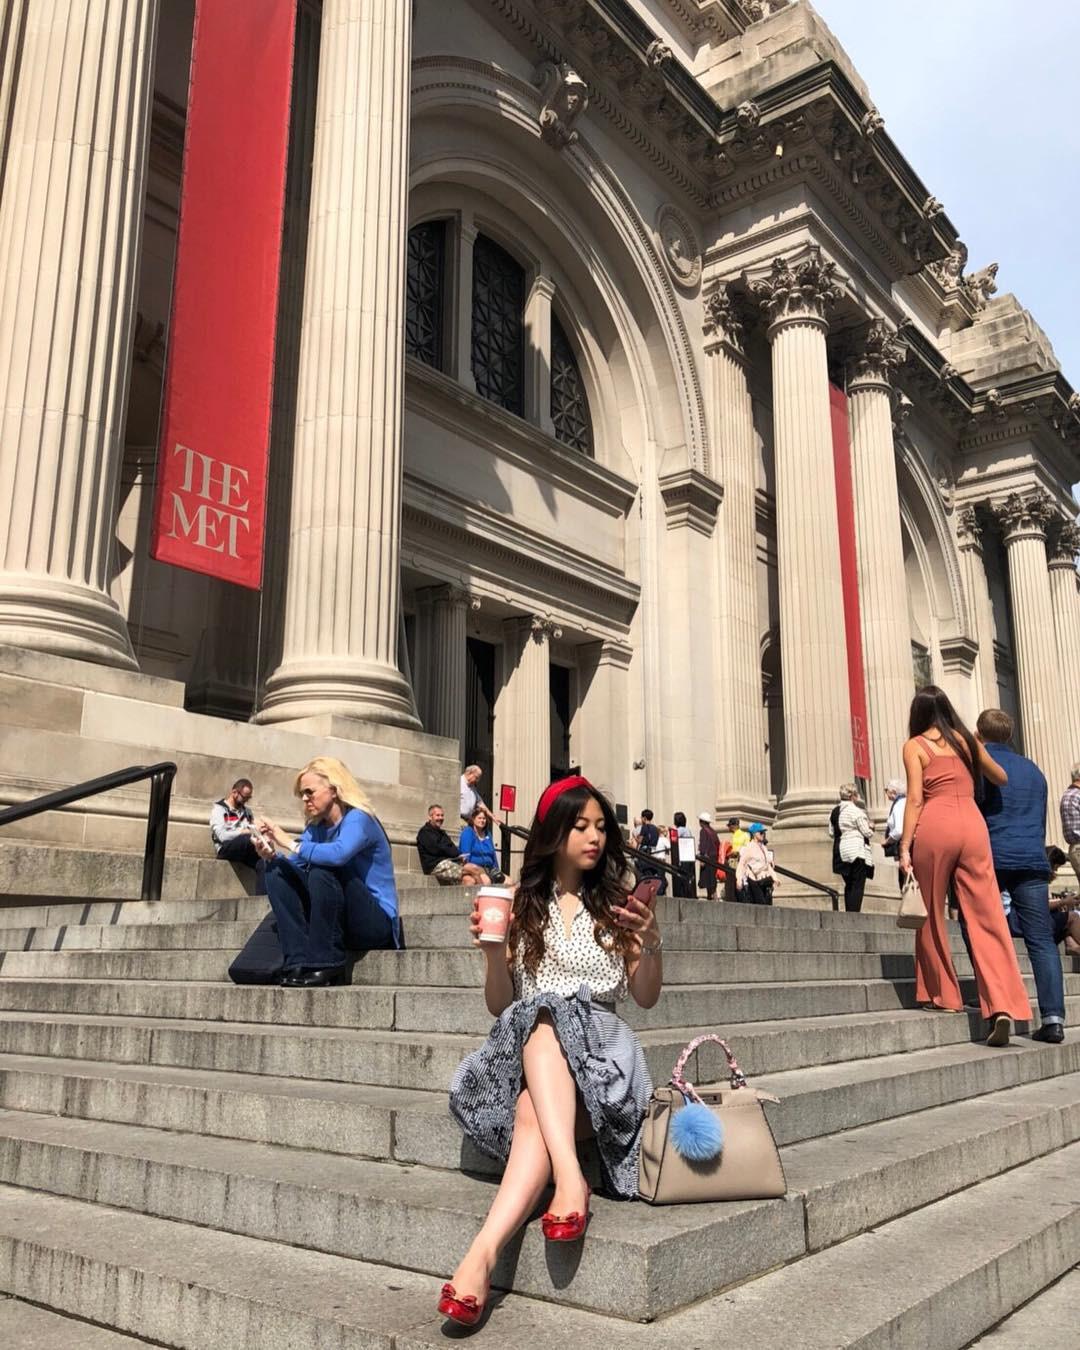 Khám phá địa điểm tổ chức thường niên của Met Gala: Tuổi đời gần 150 năm, trưng bày hơn 2 triệu tác phẩm nghệ thuật có giá trị khổng lồ! - Ảnh 10.